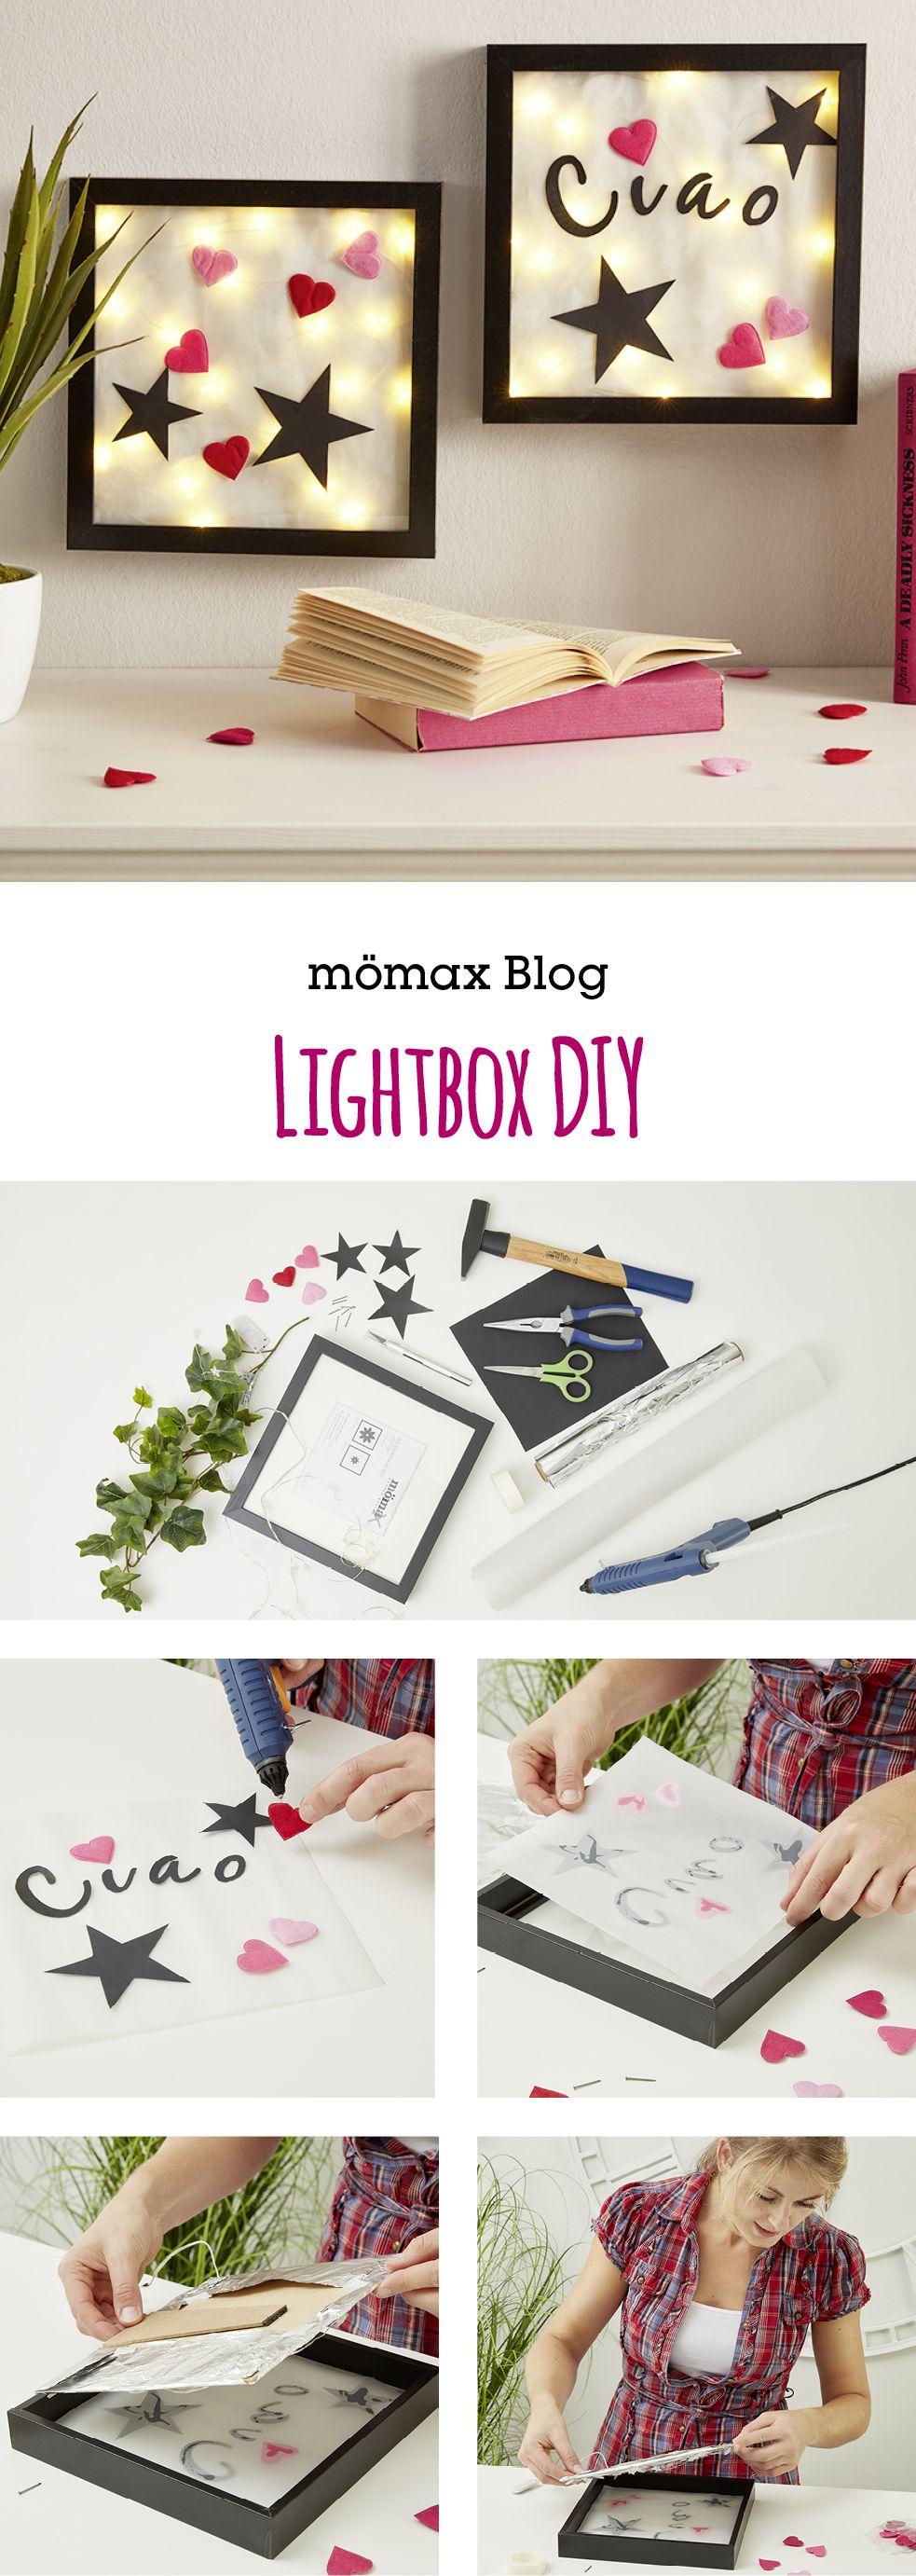 Beleuchteter Bilderrahmen oder Lightbox - Anleitung  -  Diese so genannten 3D-Bilderrahmen liegen zur Zeit voll im Trend und lassen sich mit ein paar einfachen Handgriffen ganz leicht selber basteln.